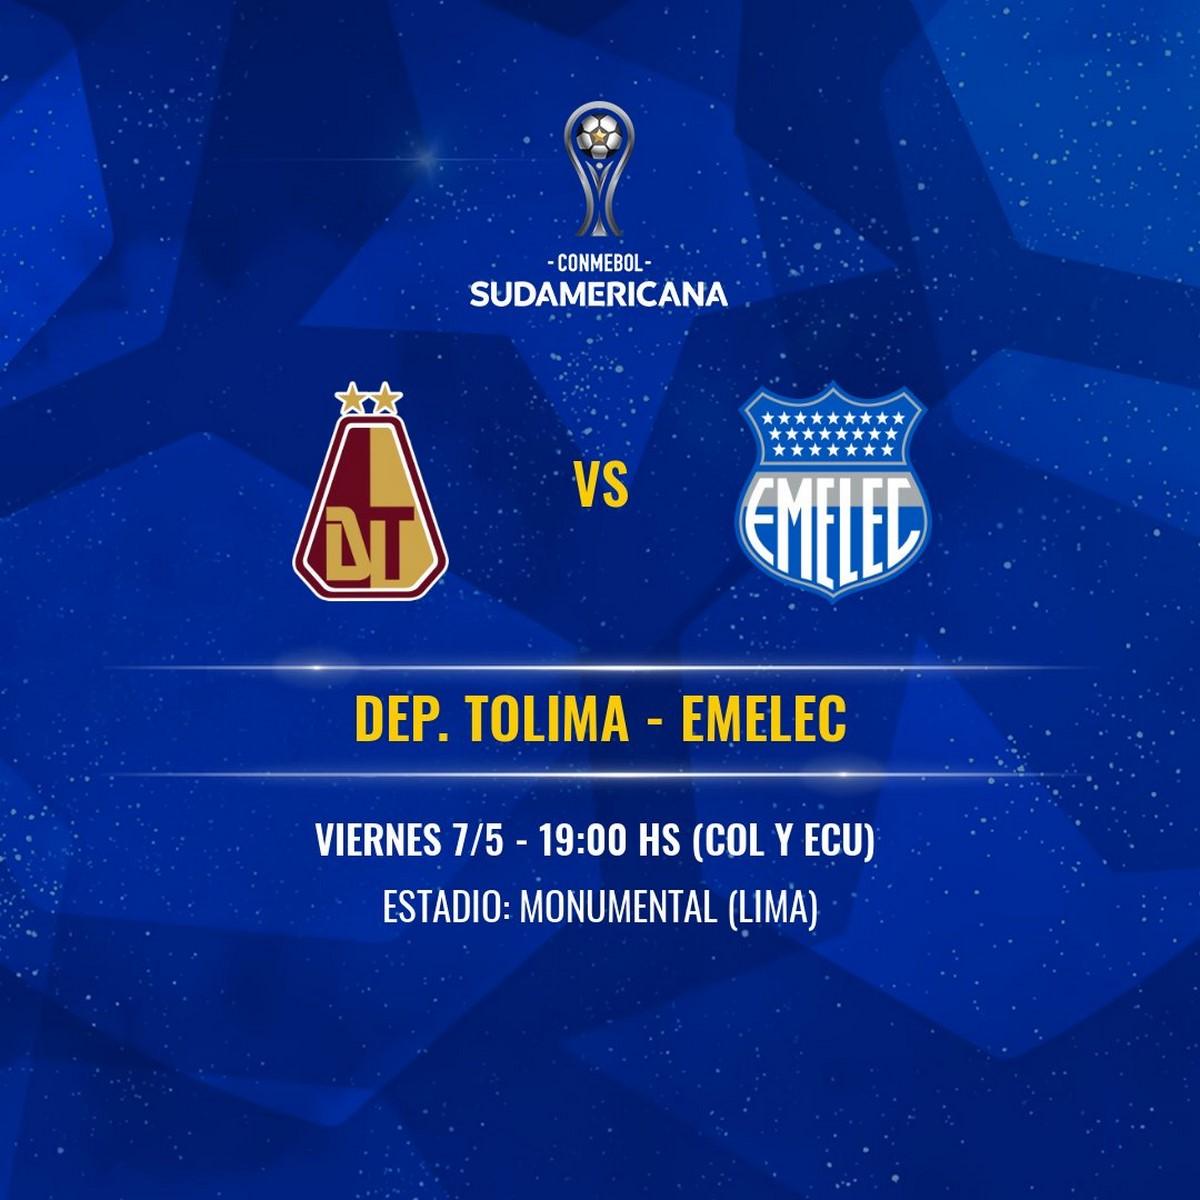 Se confirmo nueva sede y fecha para partido de Tolima en Copa Sudamericana